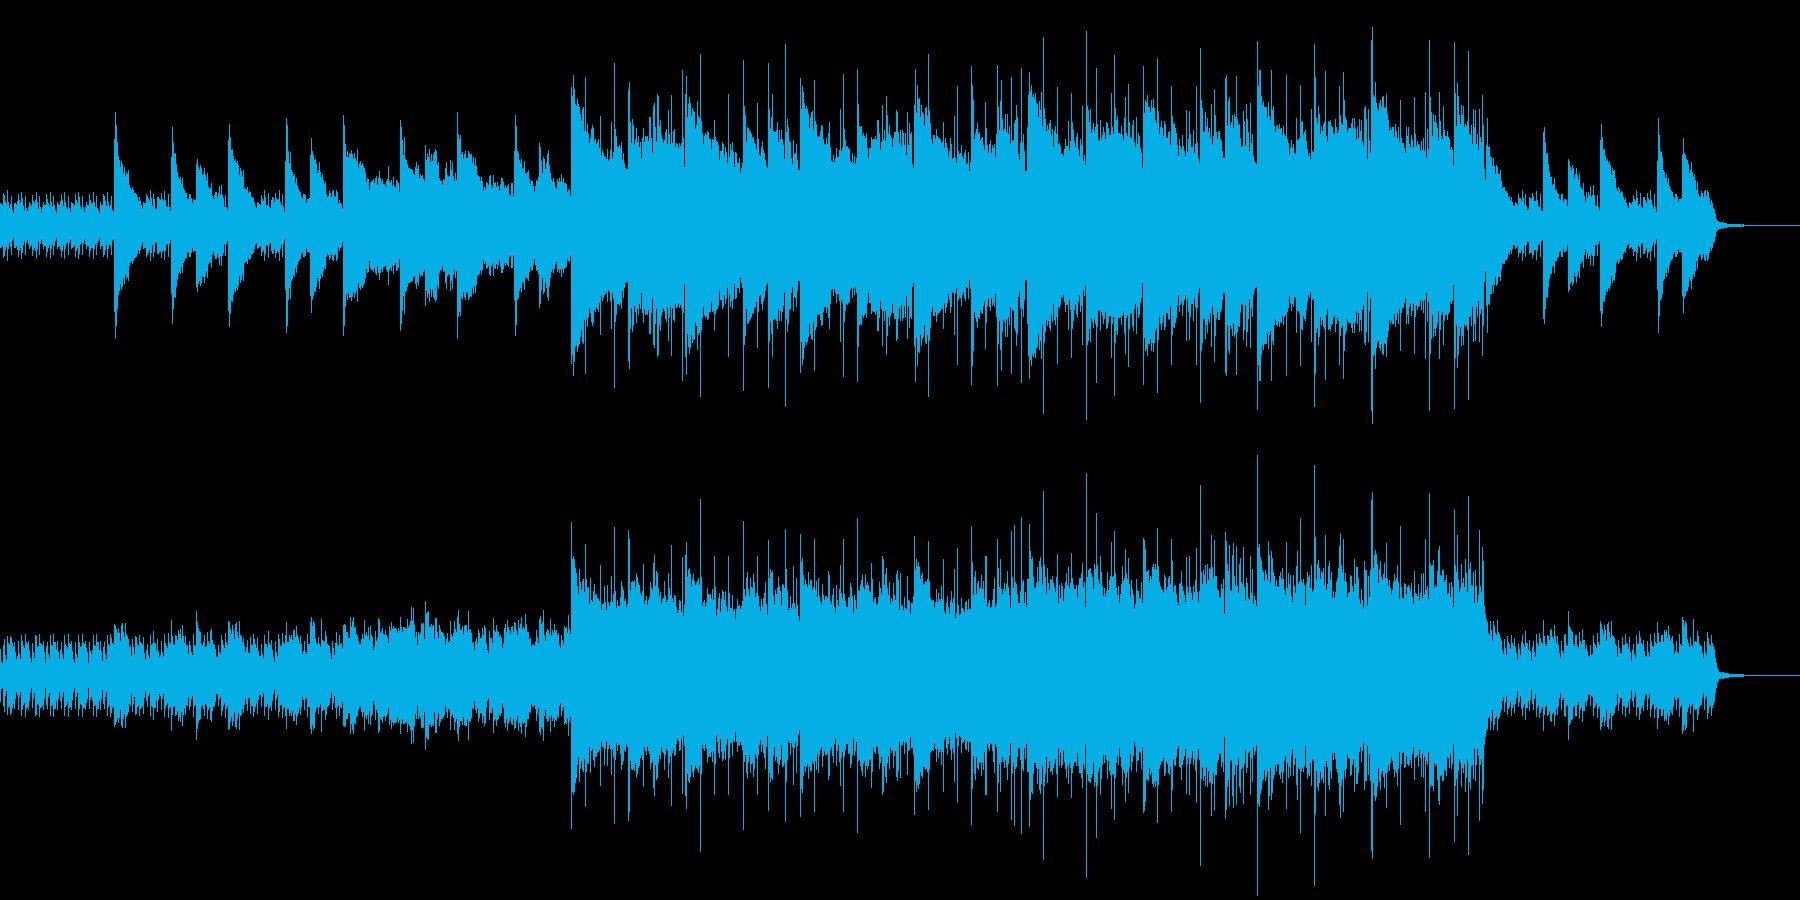 ピアノメインの感動的なロックの再生済みの波形